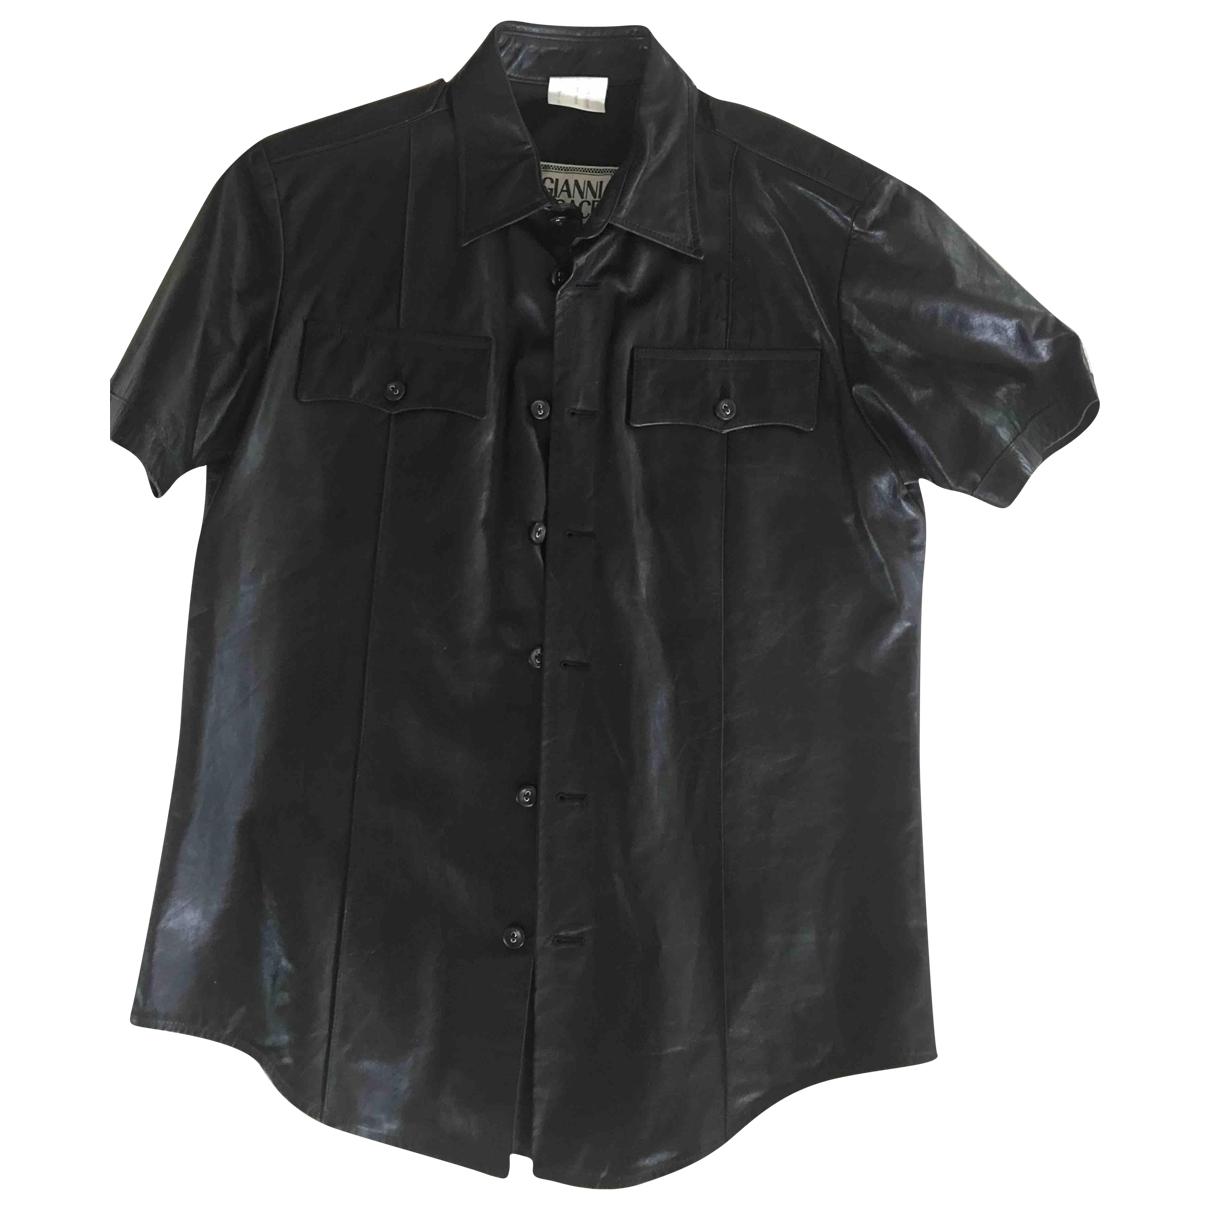 Gianni Versace - Chemises   pour homme en cuir - noir